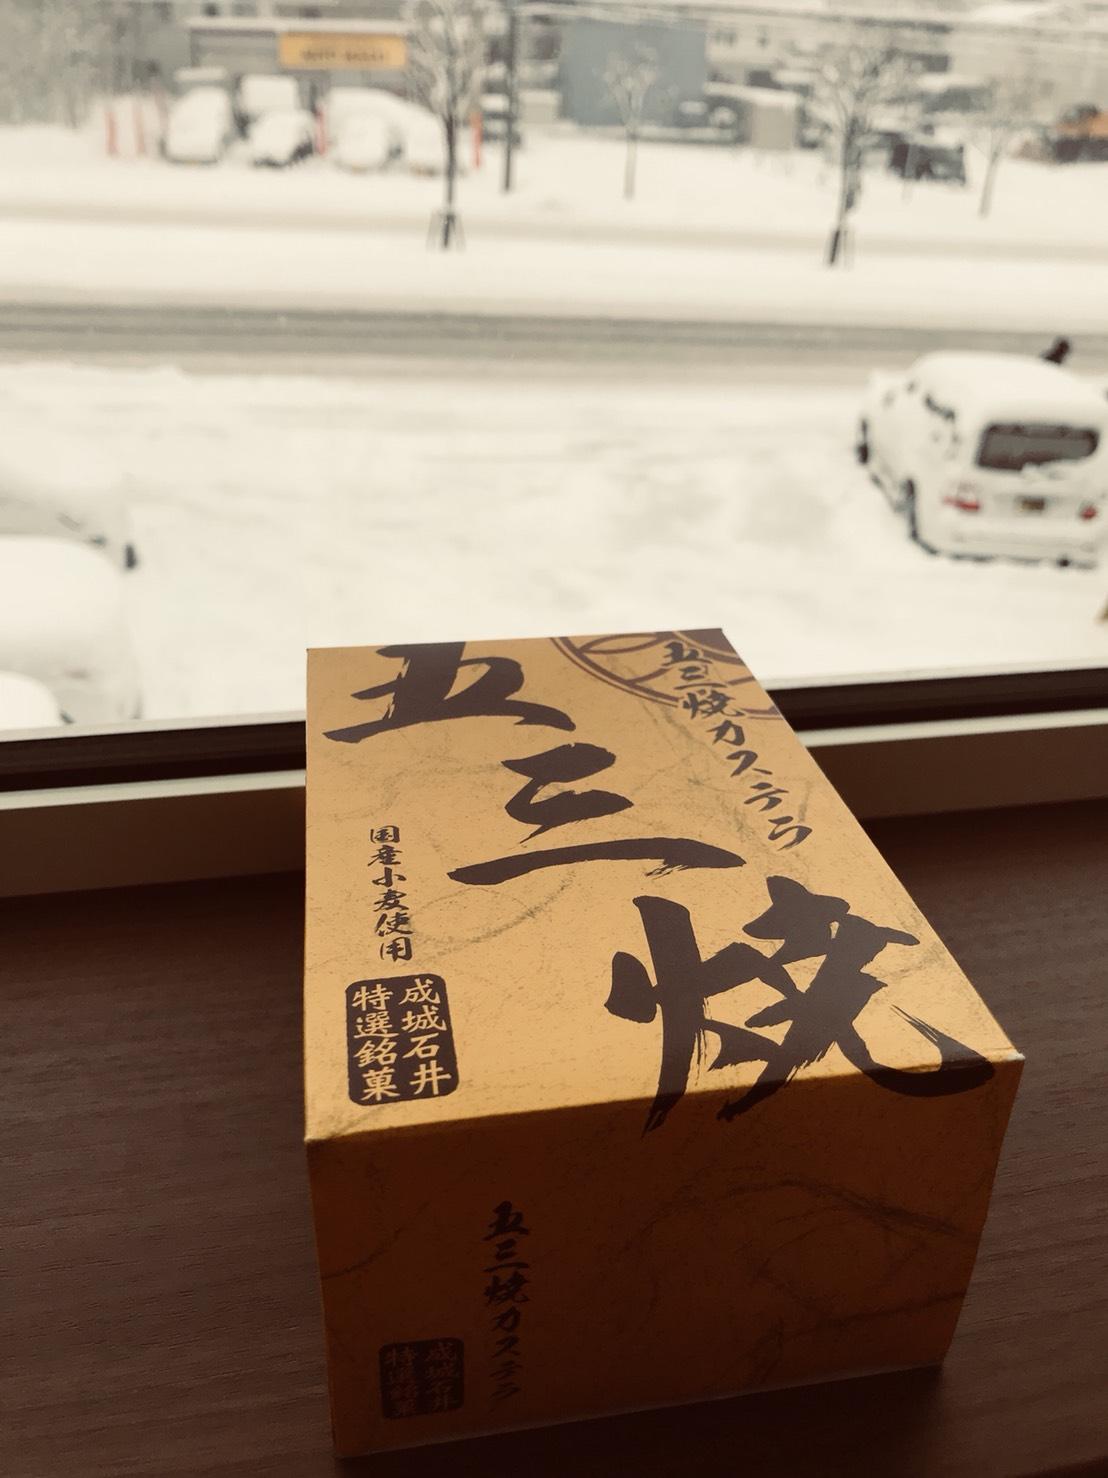 12月5日 火曜日のひとログ(´▽`) 除雪シーズン到来!!除雪車リース承り〼!自社ローン☆_b0127002_17172187.jpg